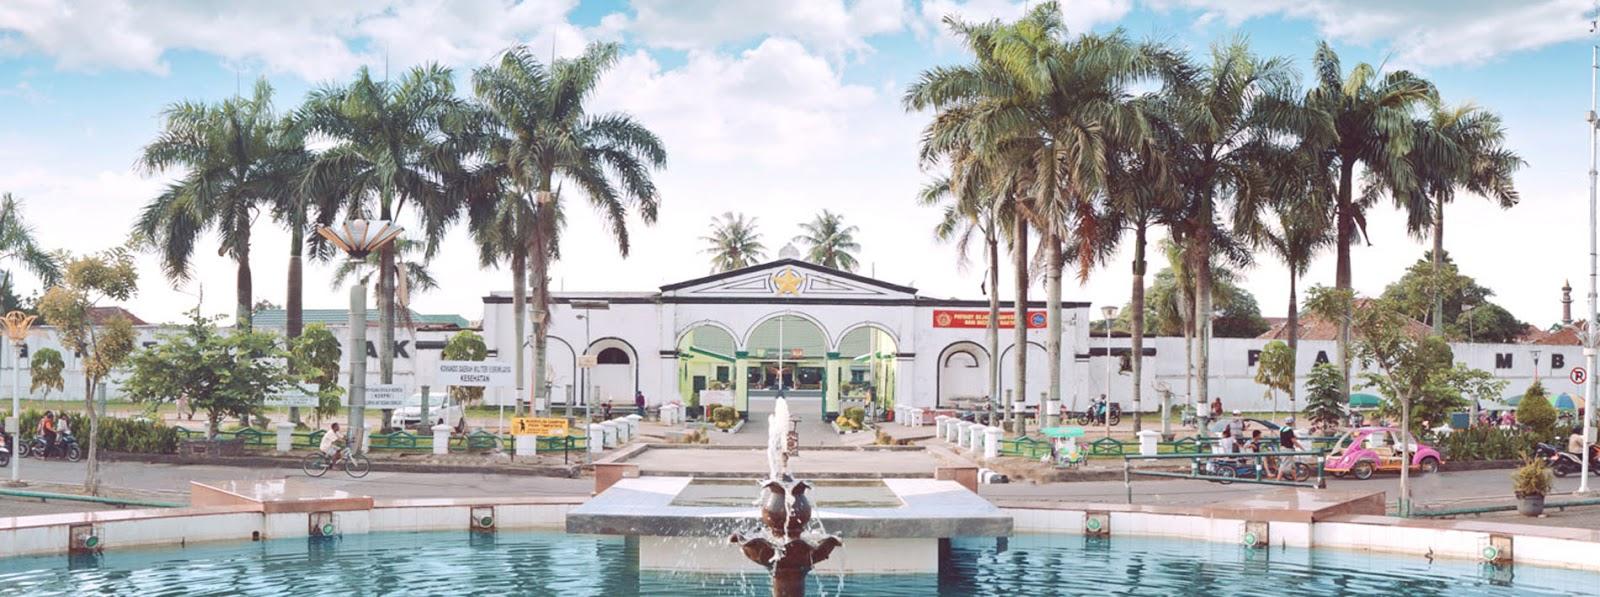 Sejarah Benteng Kuto Besak Zone History Kota Palembang